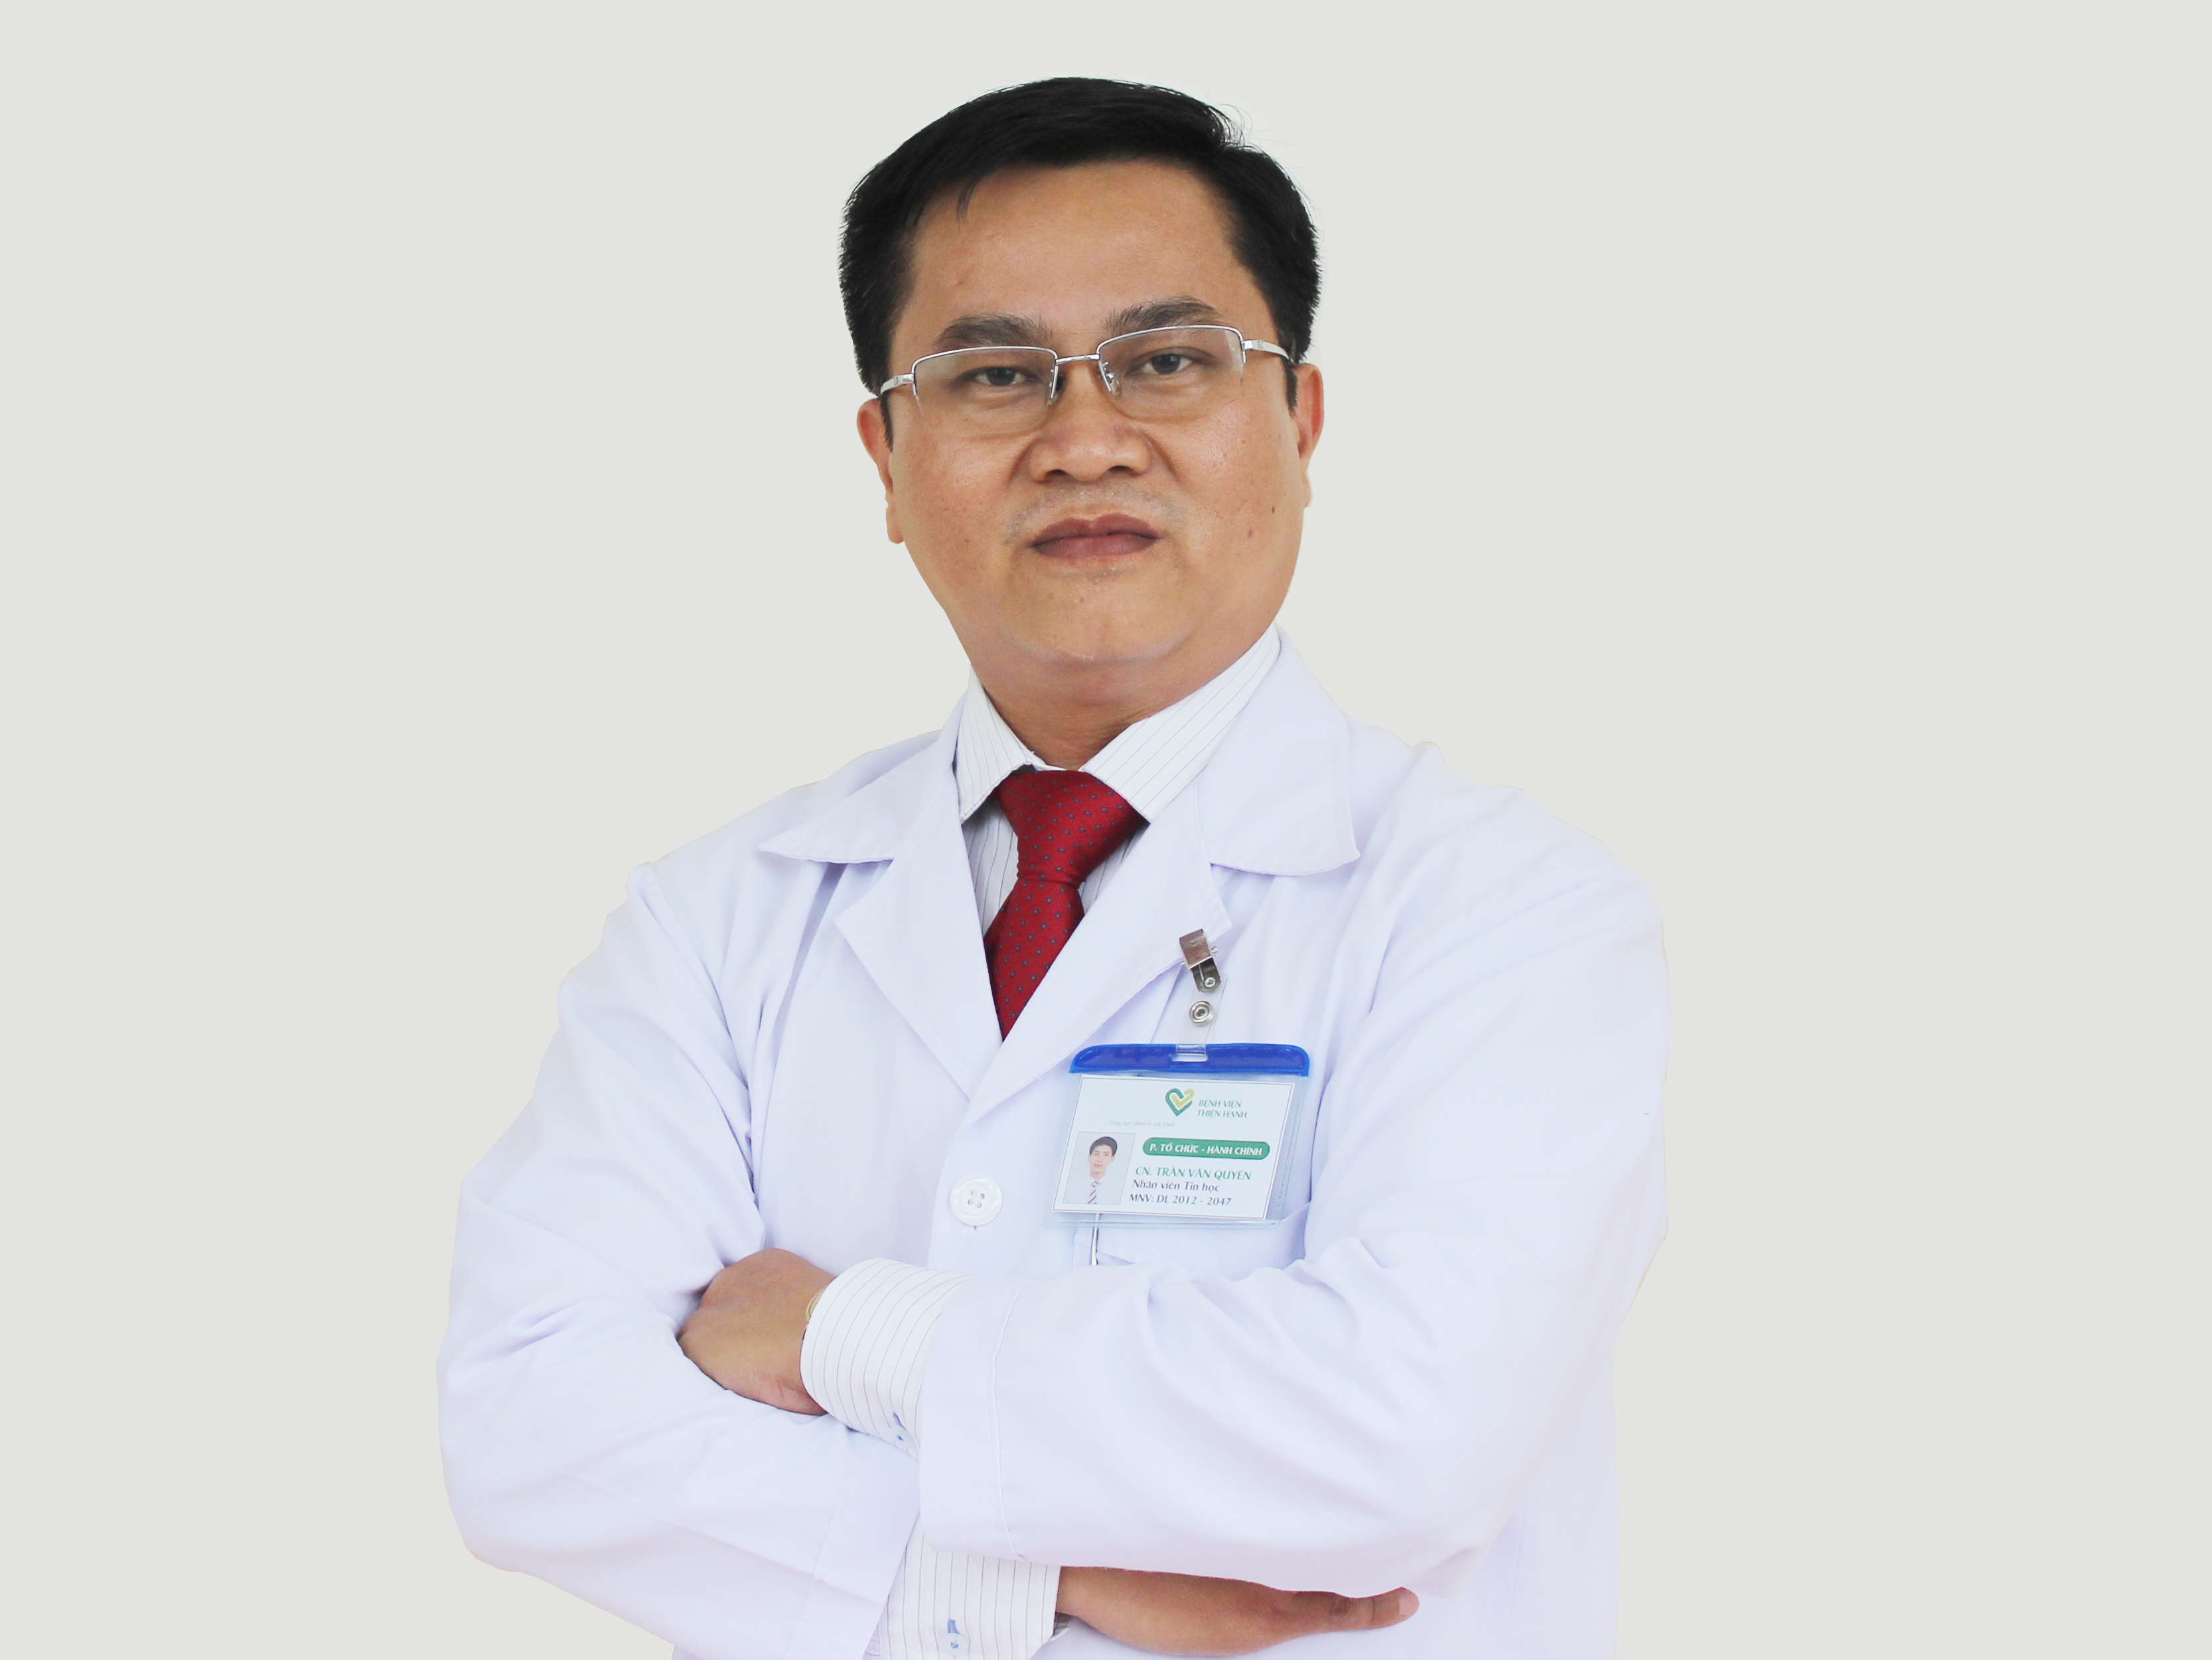 BSCKI. Phạm Ngọc Vinh Quang